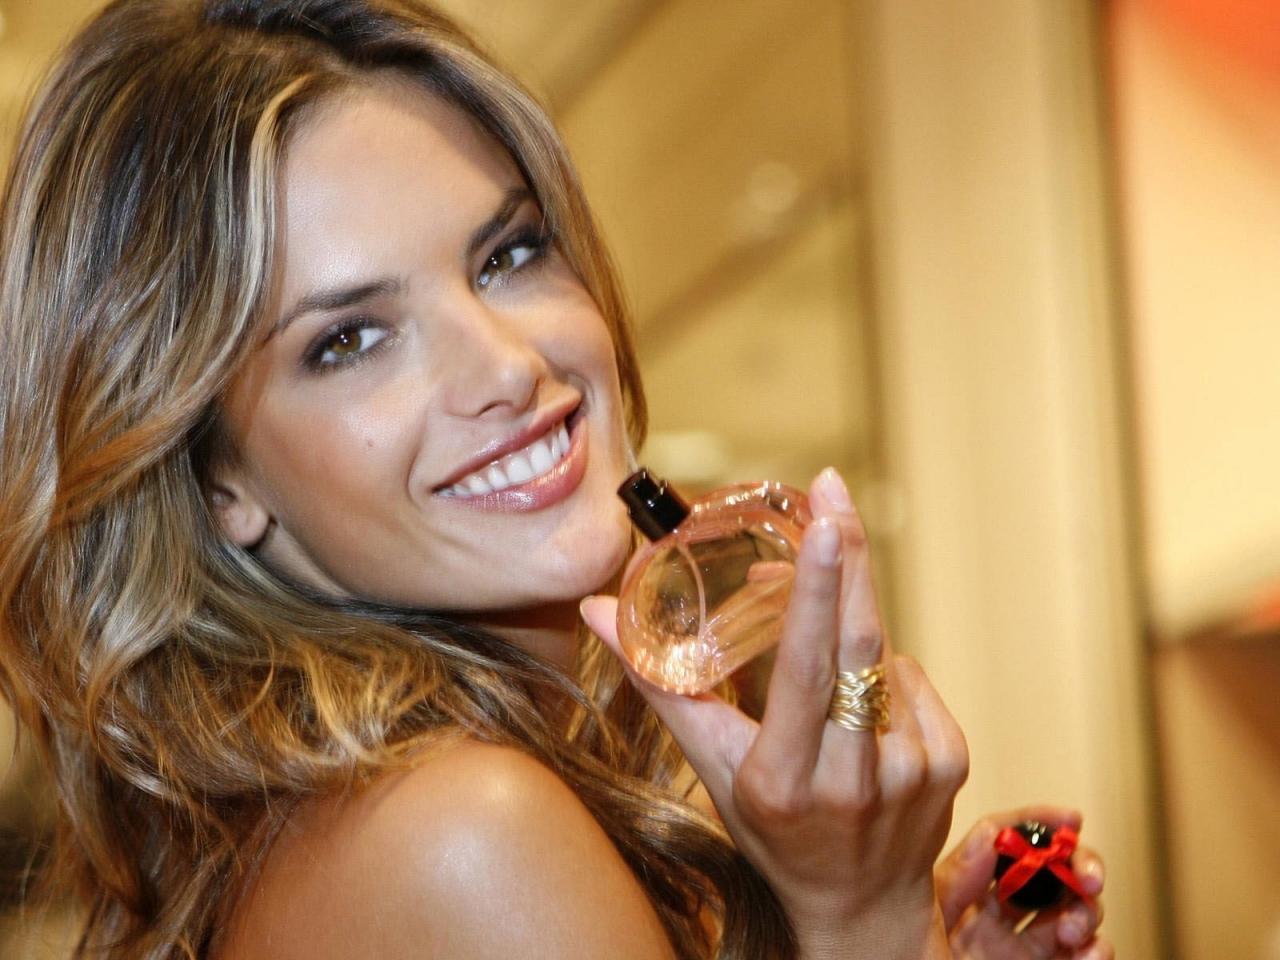 Alessandra ambrosio rostro - 1280x960